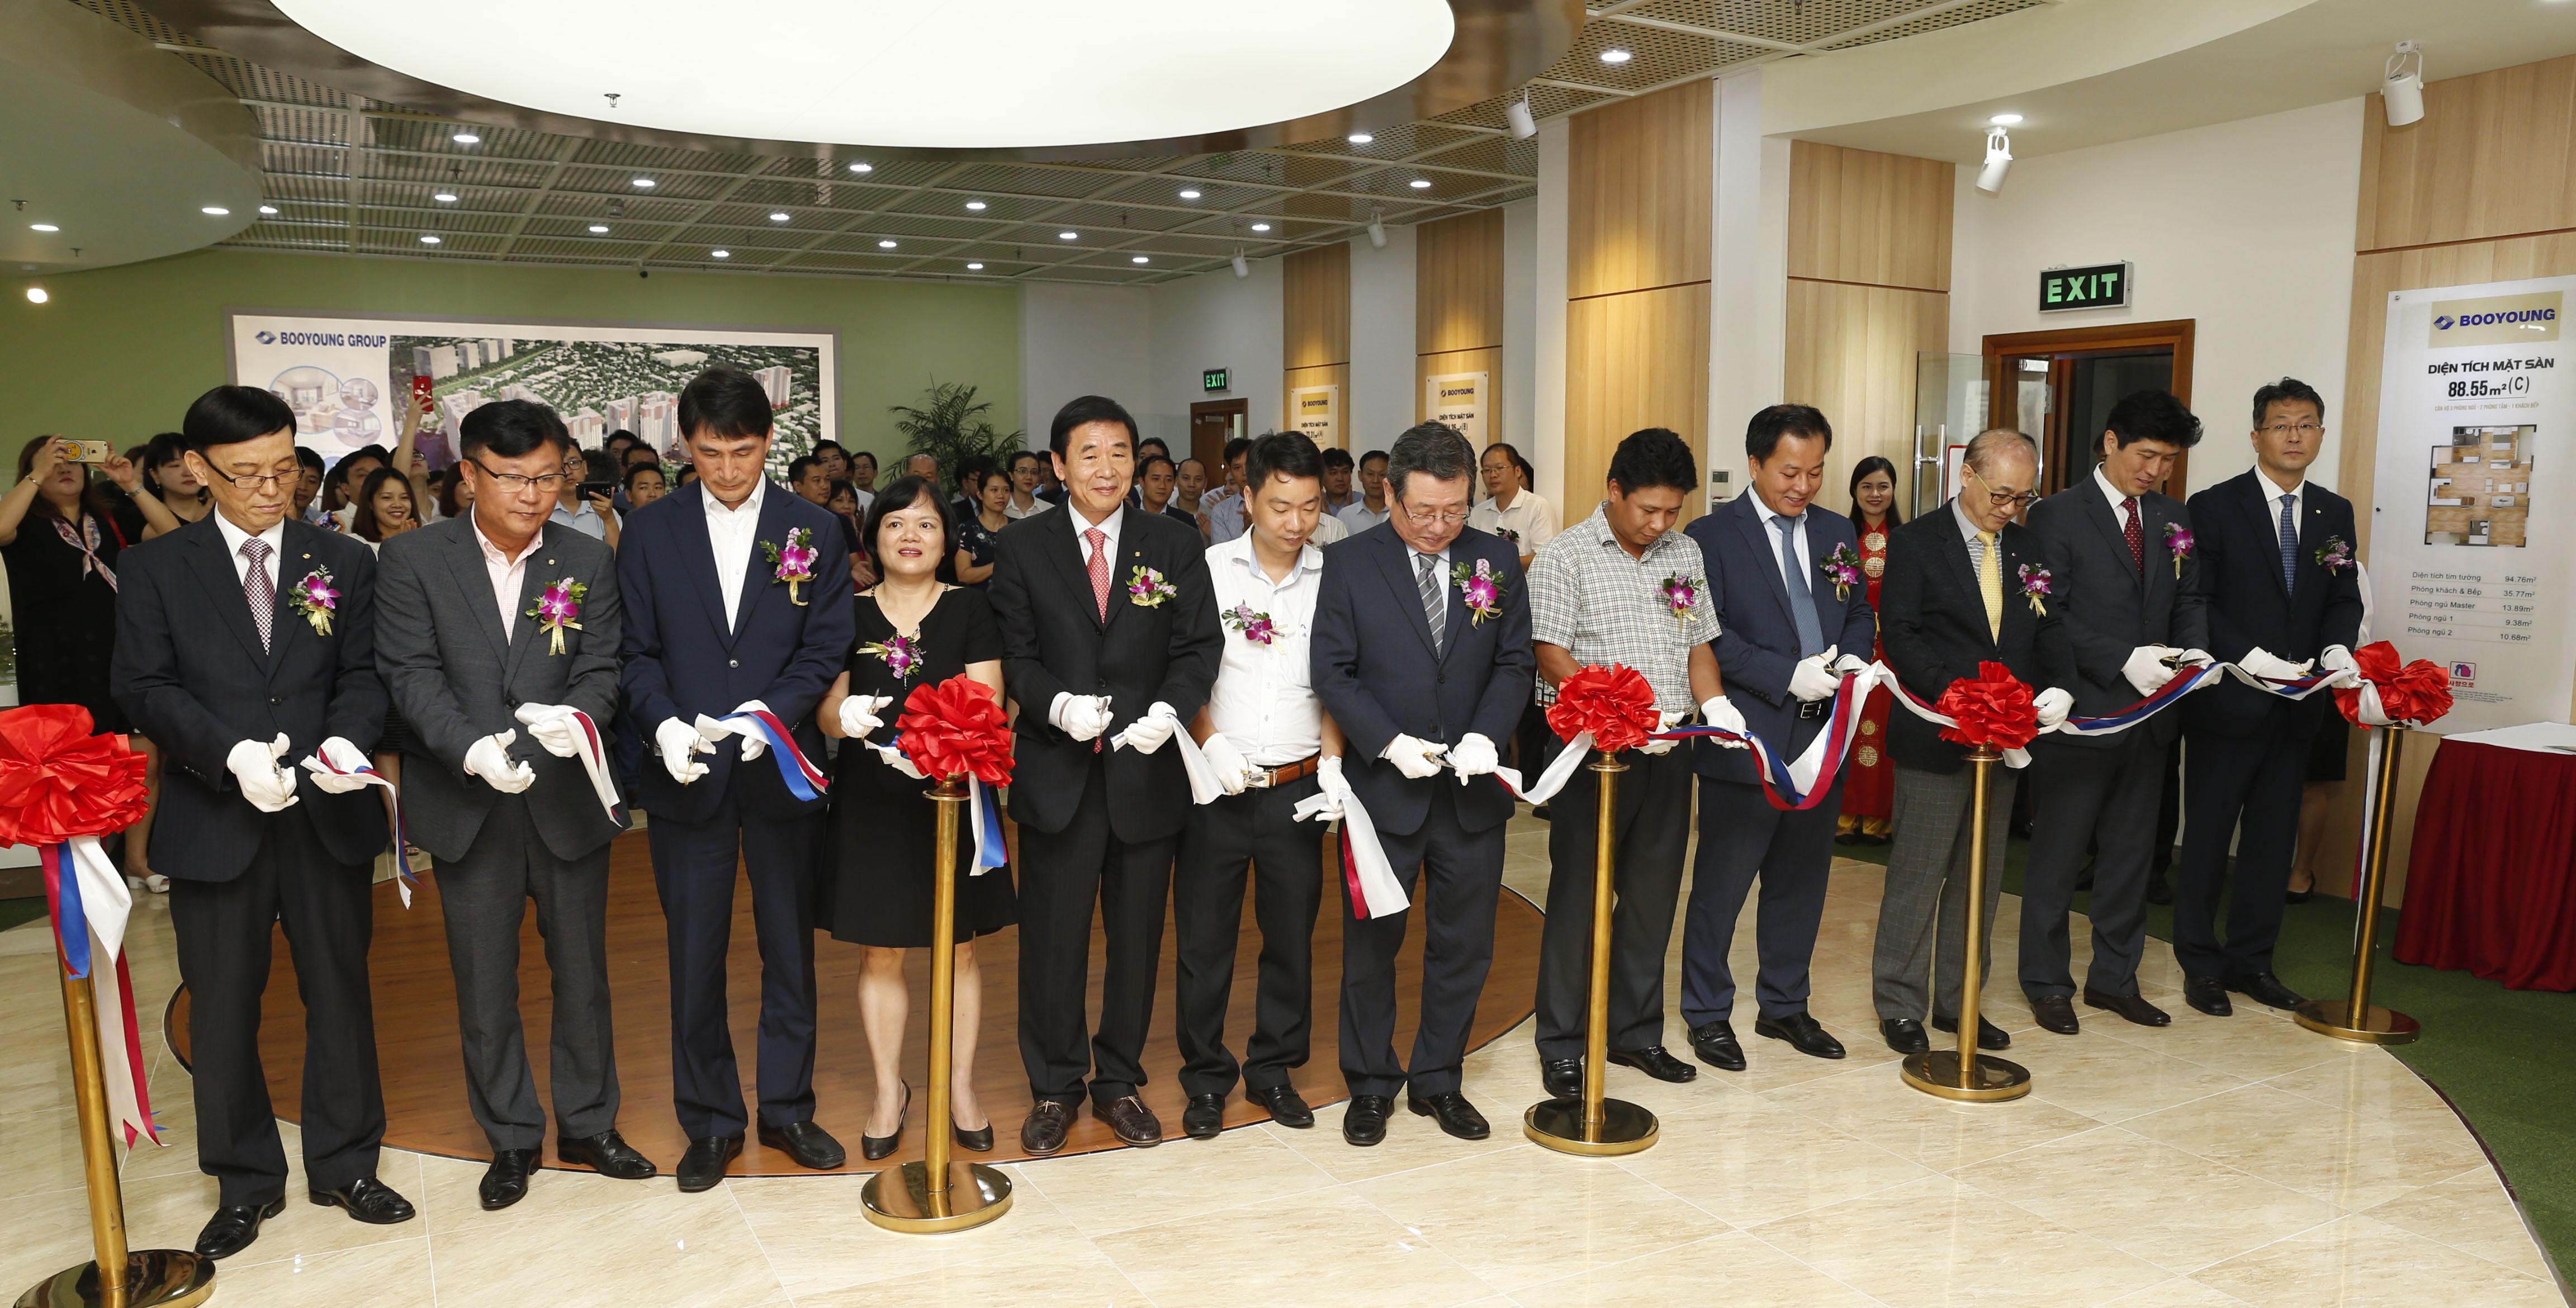 Chung cư quốc tế  Booyoung Vina